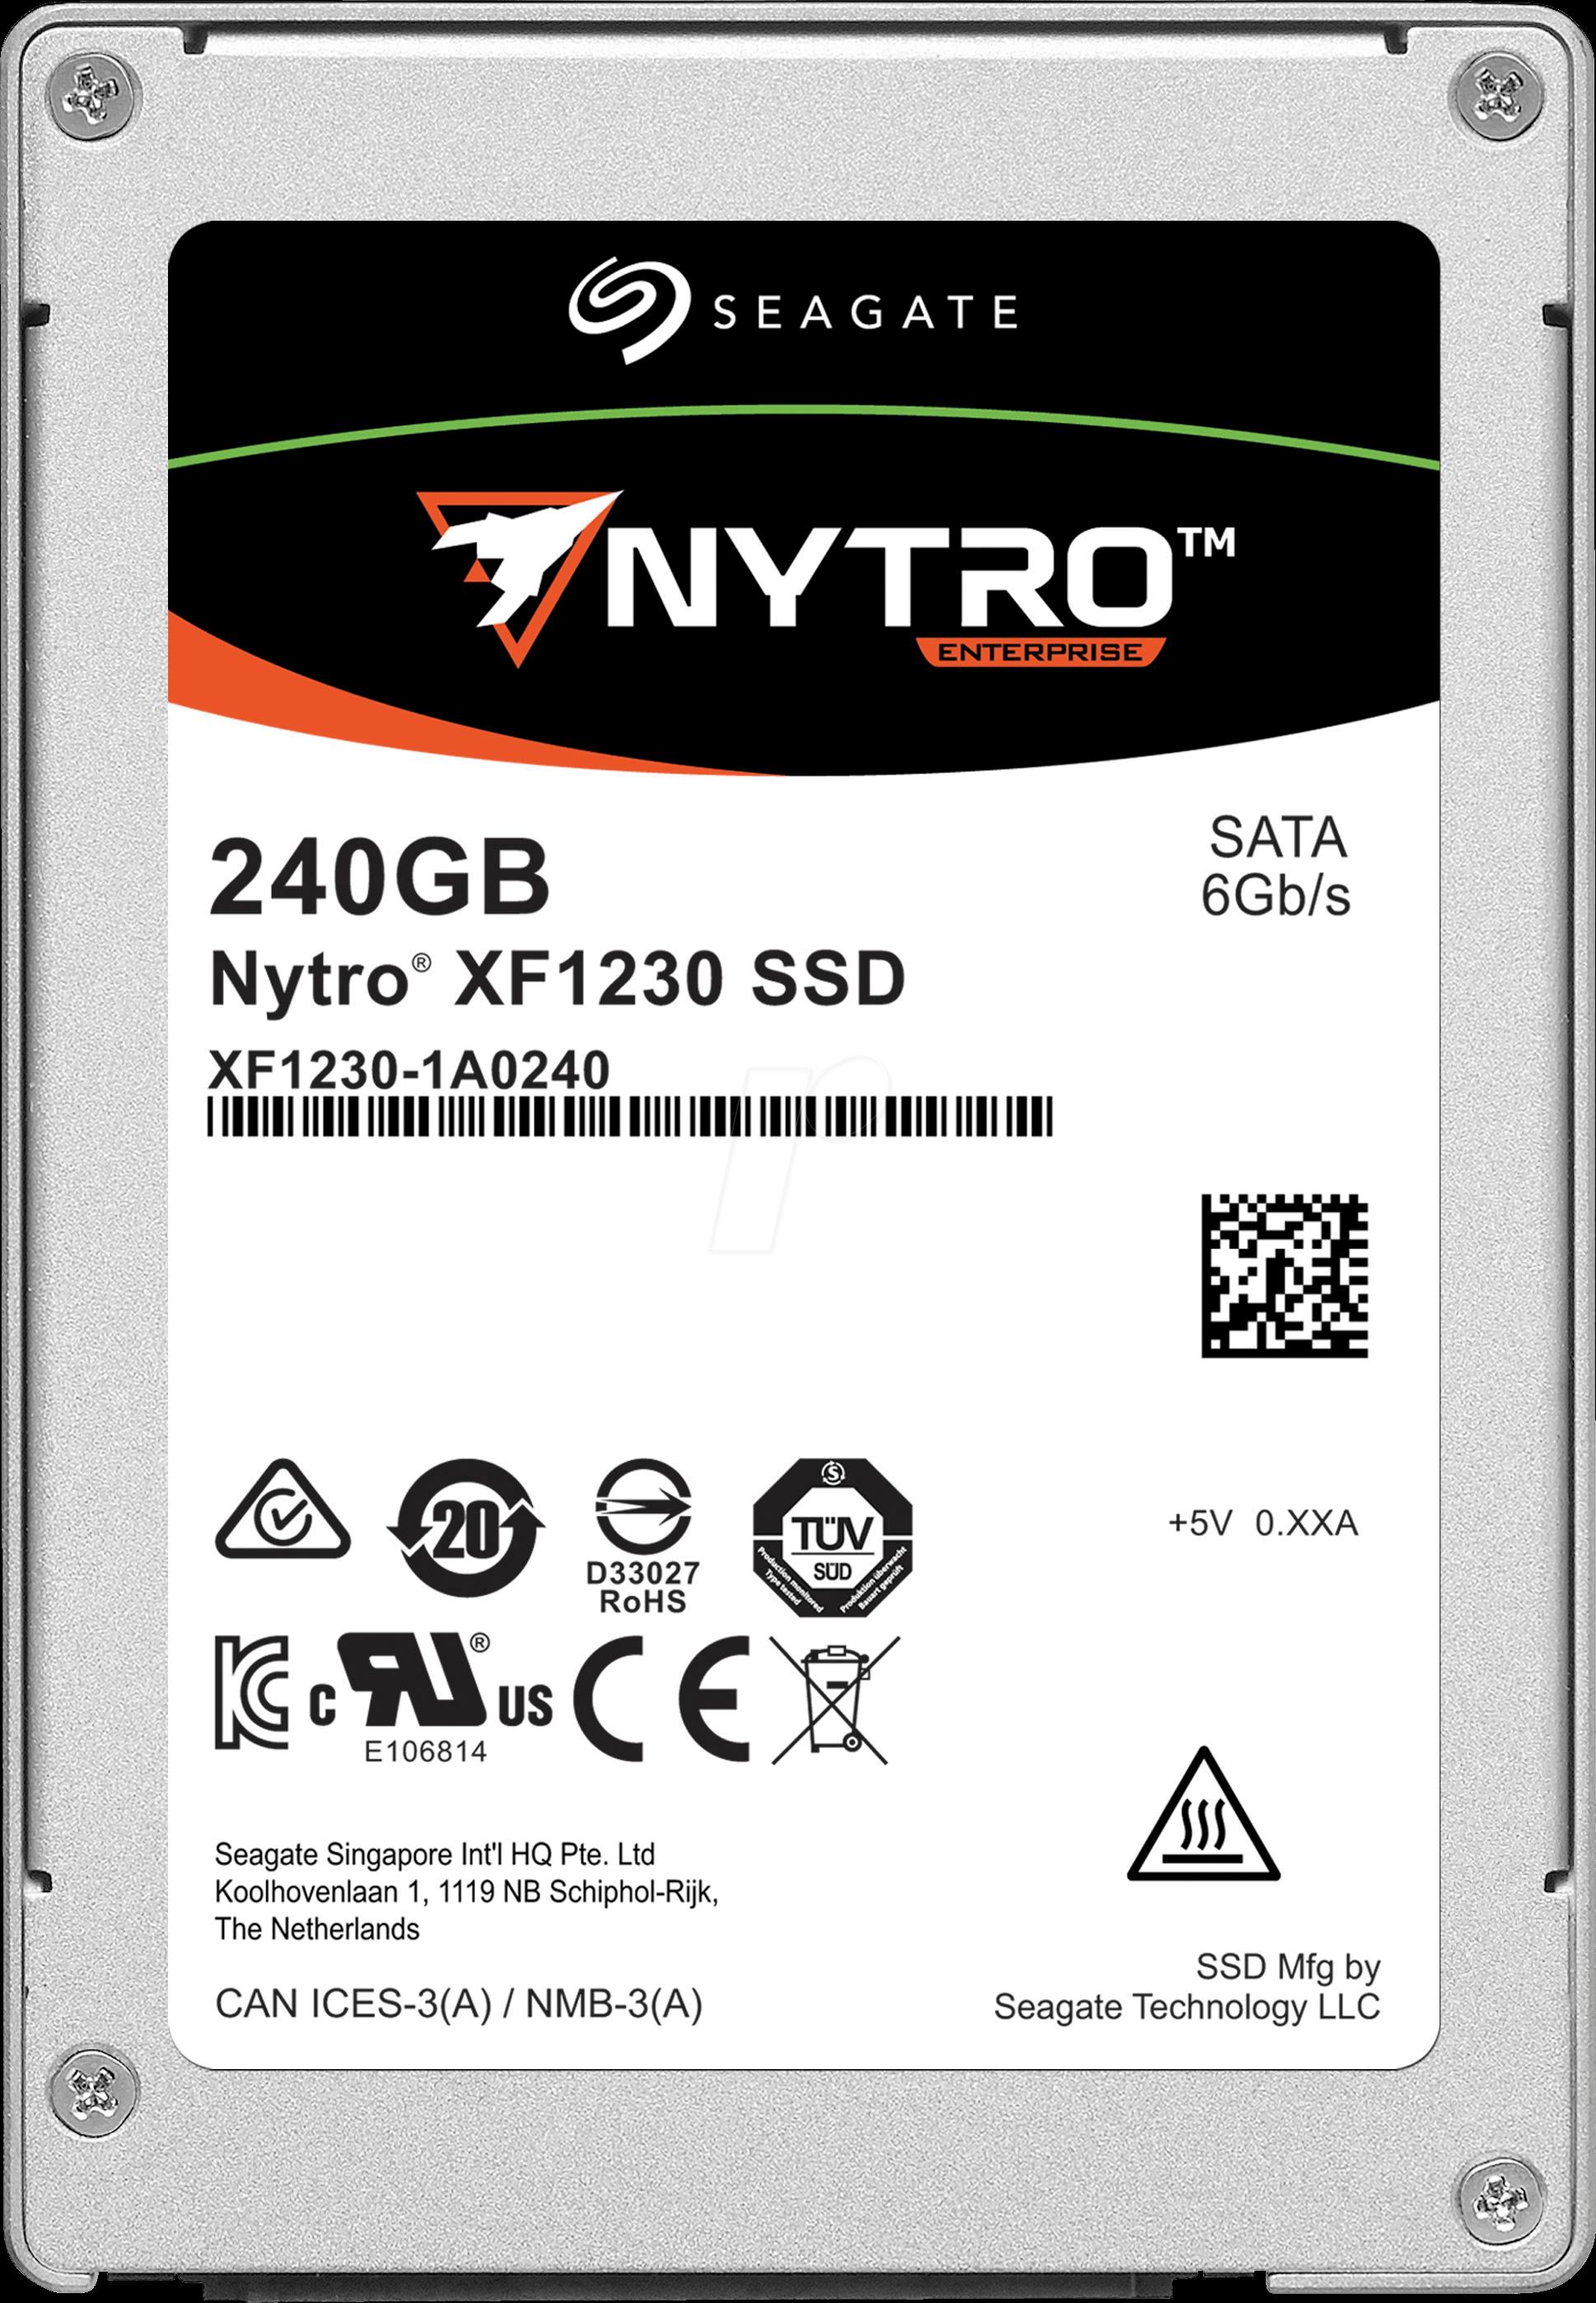 XF1230-1A0240 - Seagate Nytro XF1230, 240GB